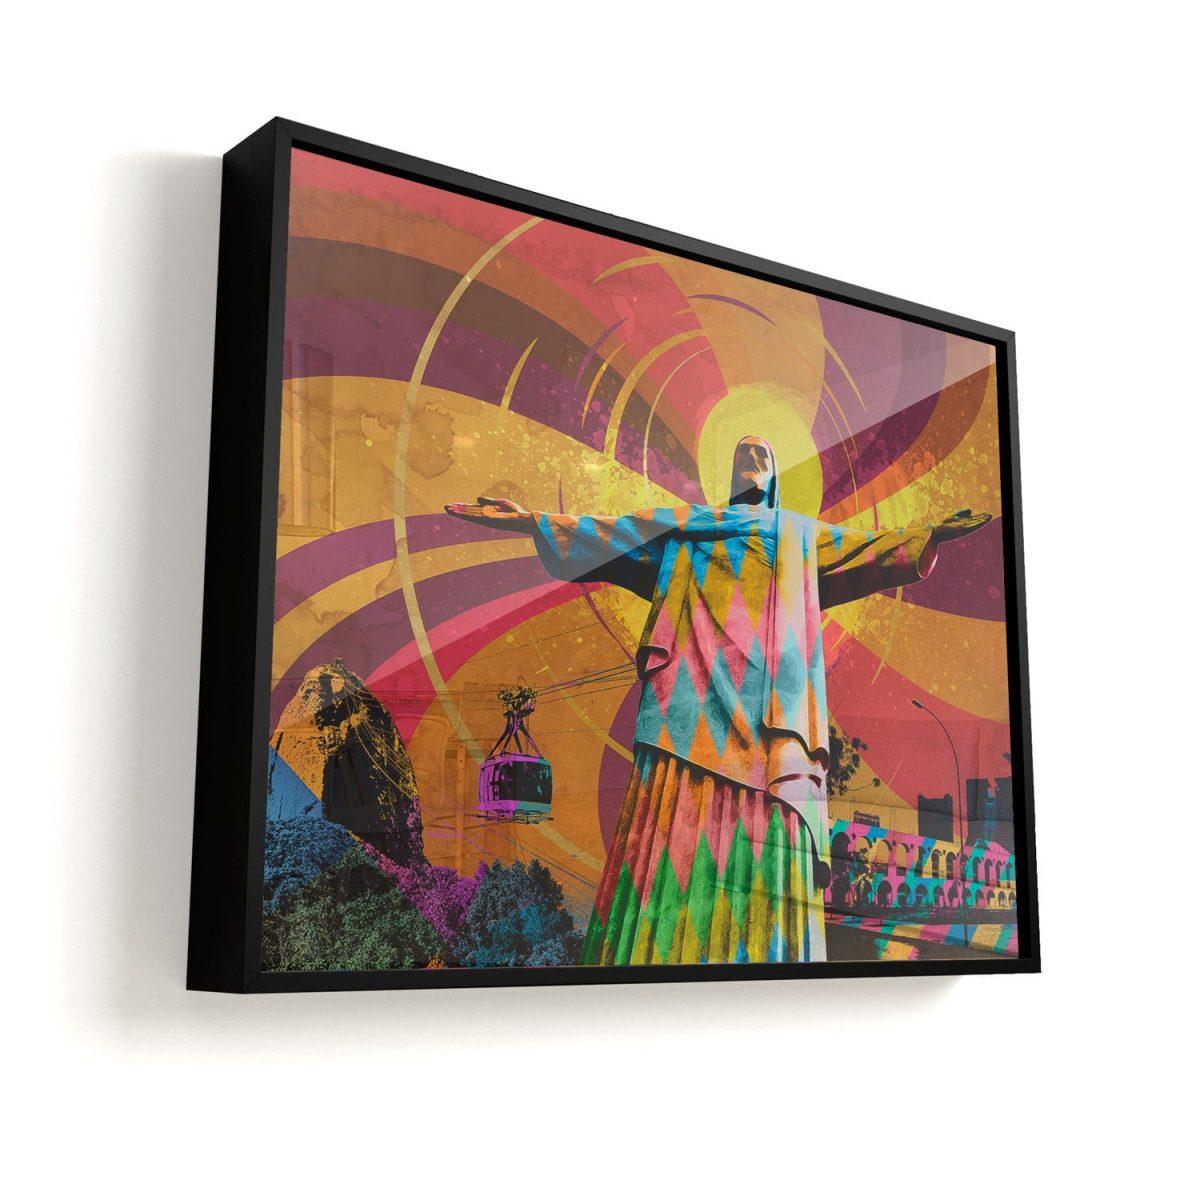 Quadro O Cristo Redentor Rio de Janeiro vidro